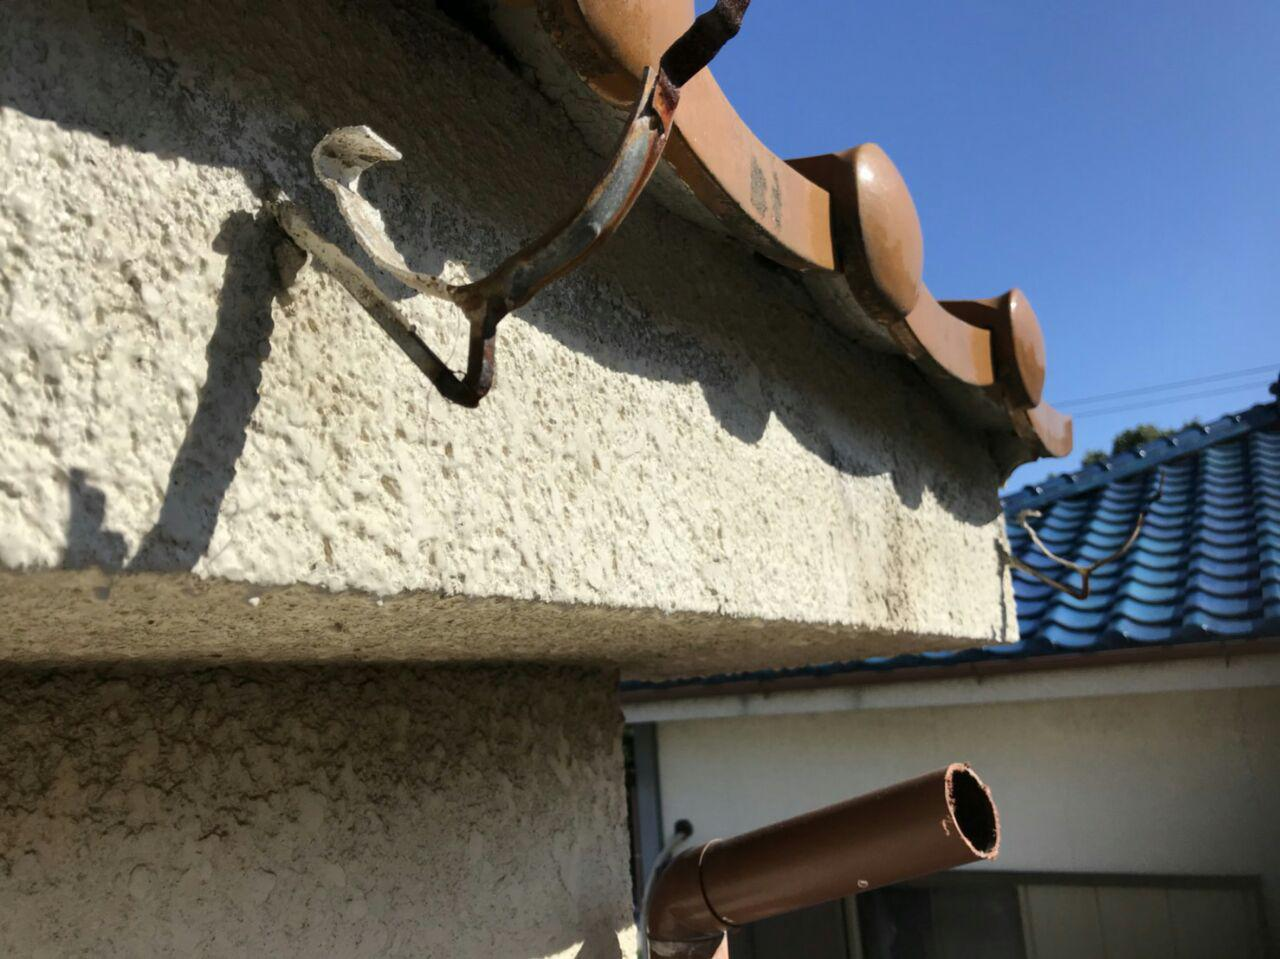 江戸川区の雨樋工事はハートホームに!火災保険を活用して実費負担ゼロの雨樋交換工事